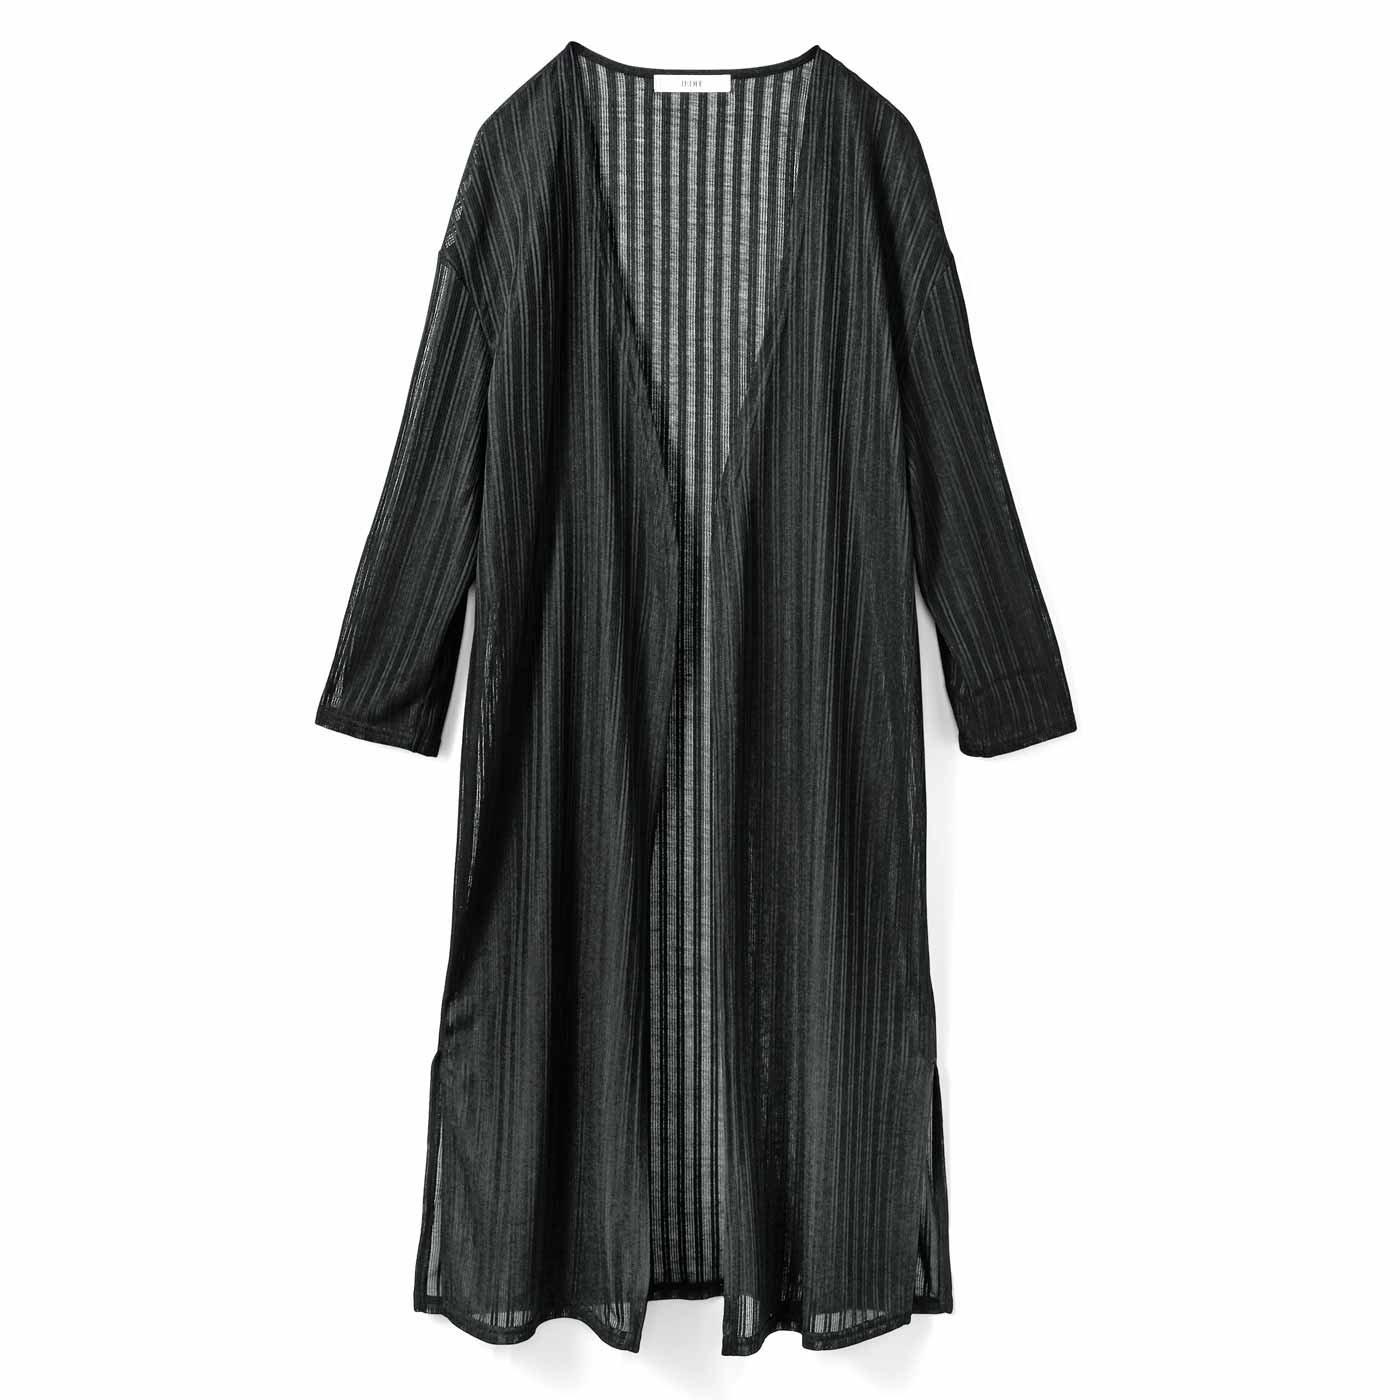 IEDIT[イディット] ランダムリブカットソーカーディガン〈ブラック〉